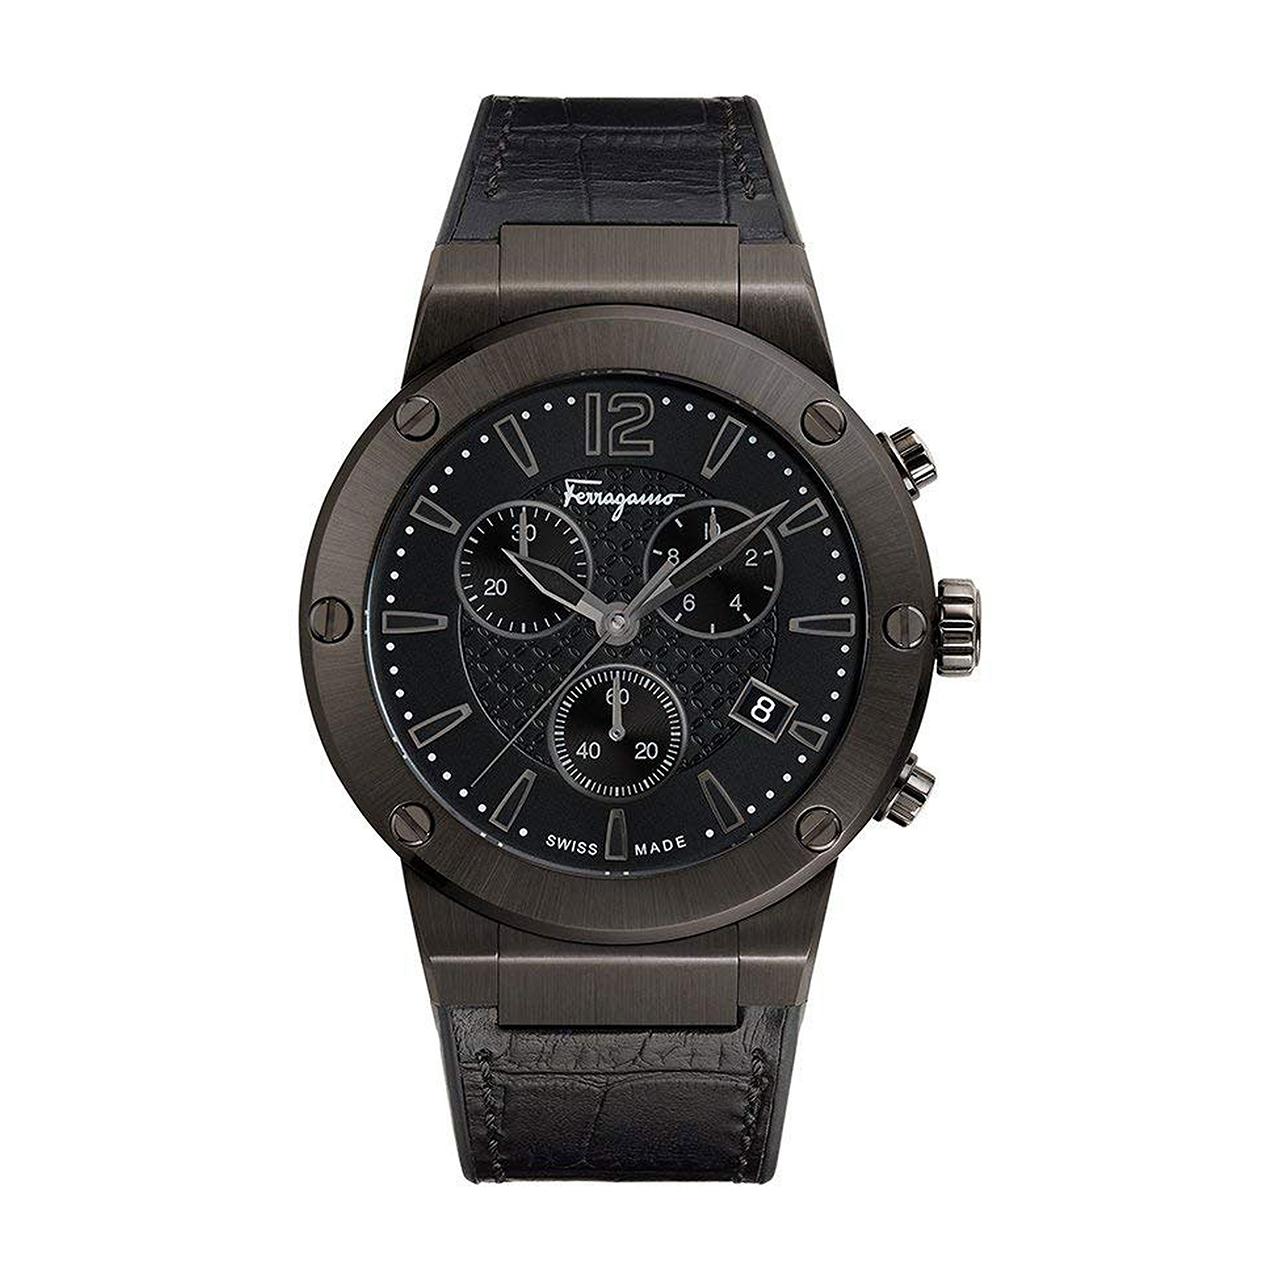 ساعت مچی عقربه ای مردانه سالواتوره فراگامو مدل FIJ030017